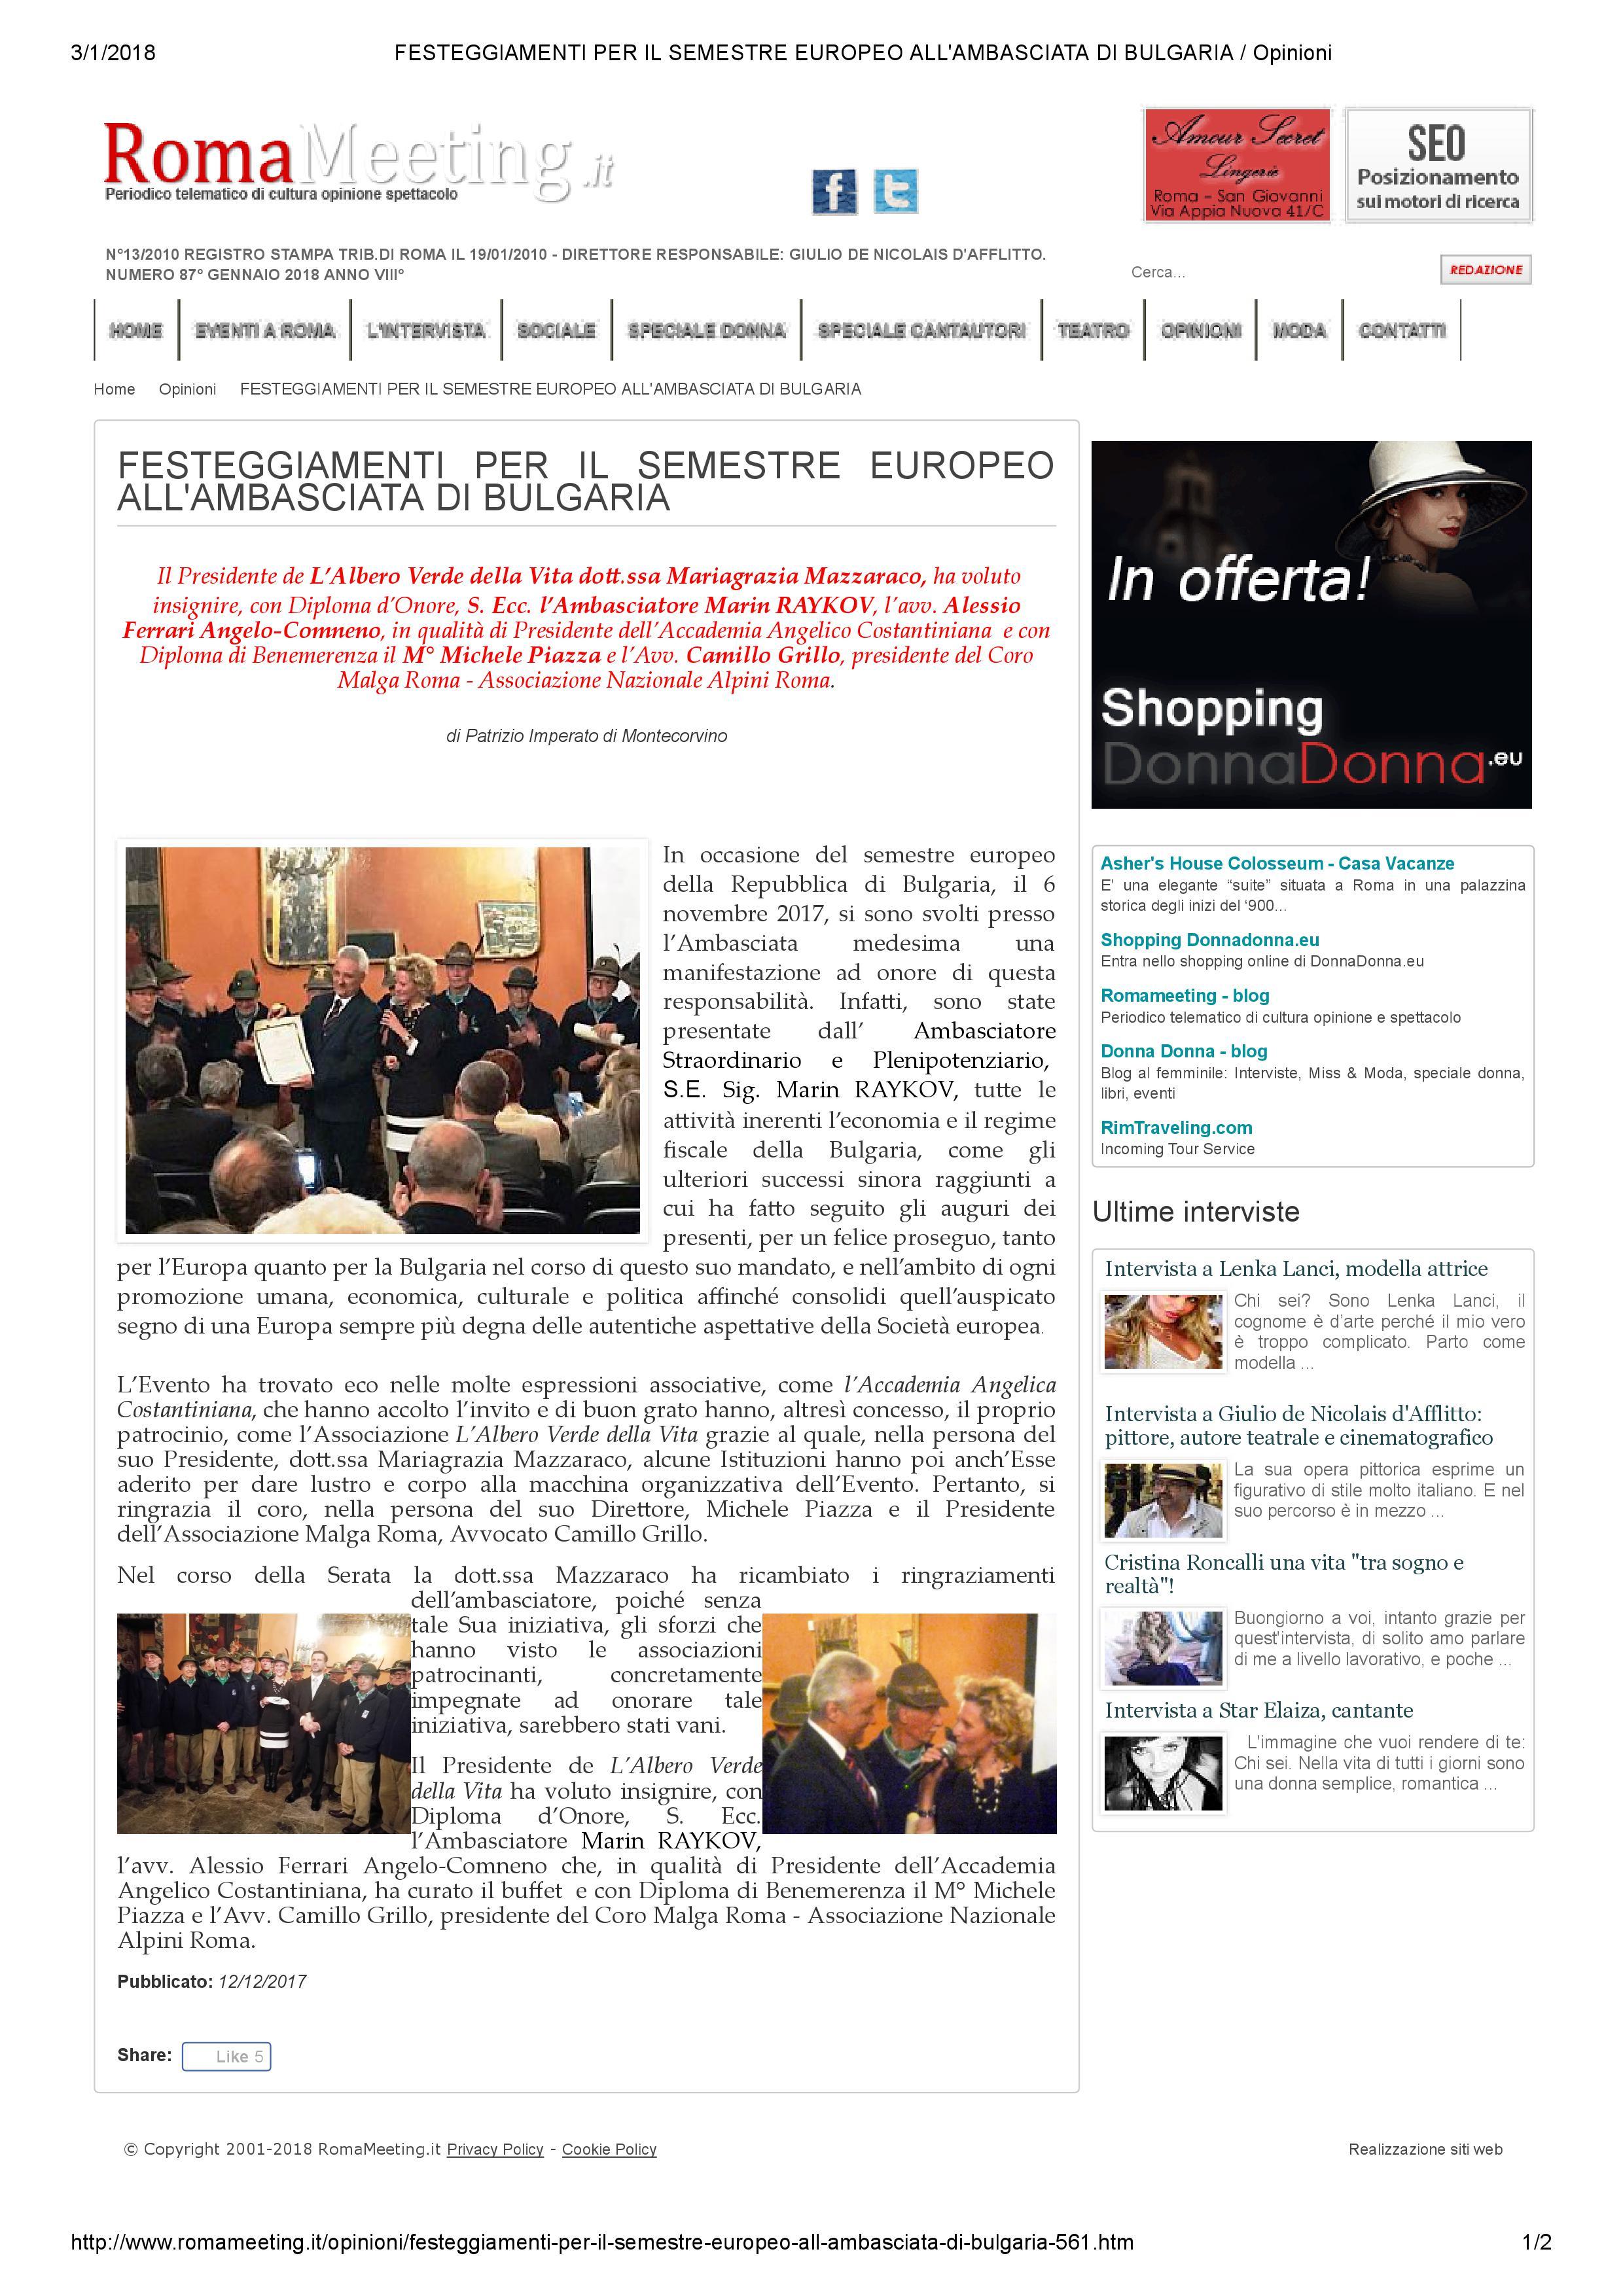 40 articolo ambasciata bulgaria